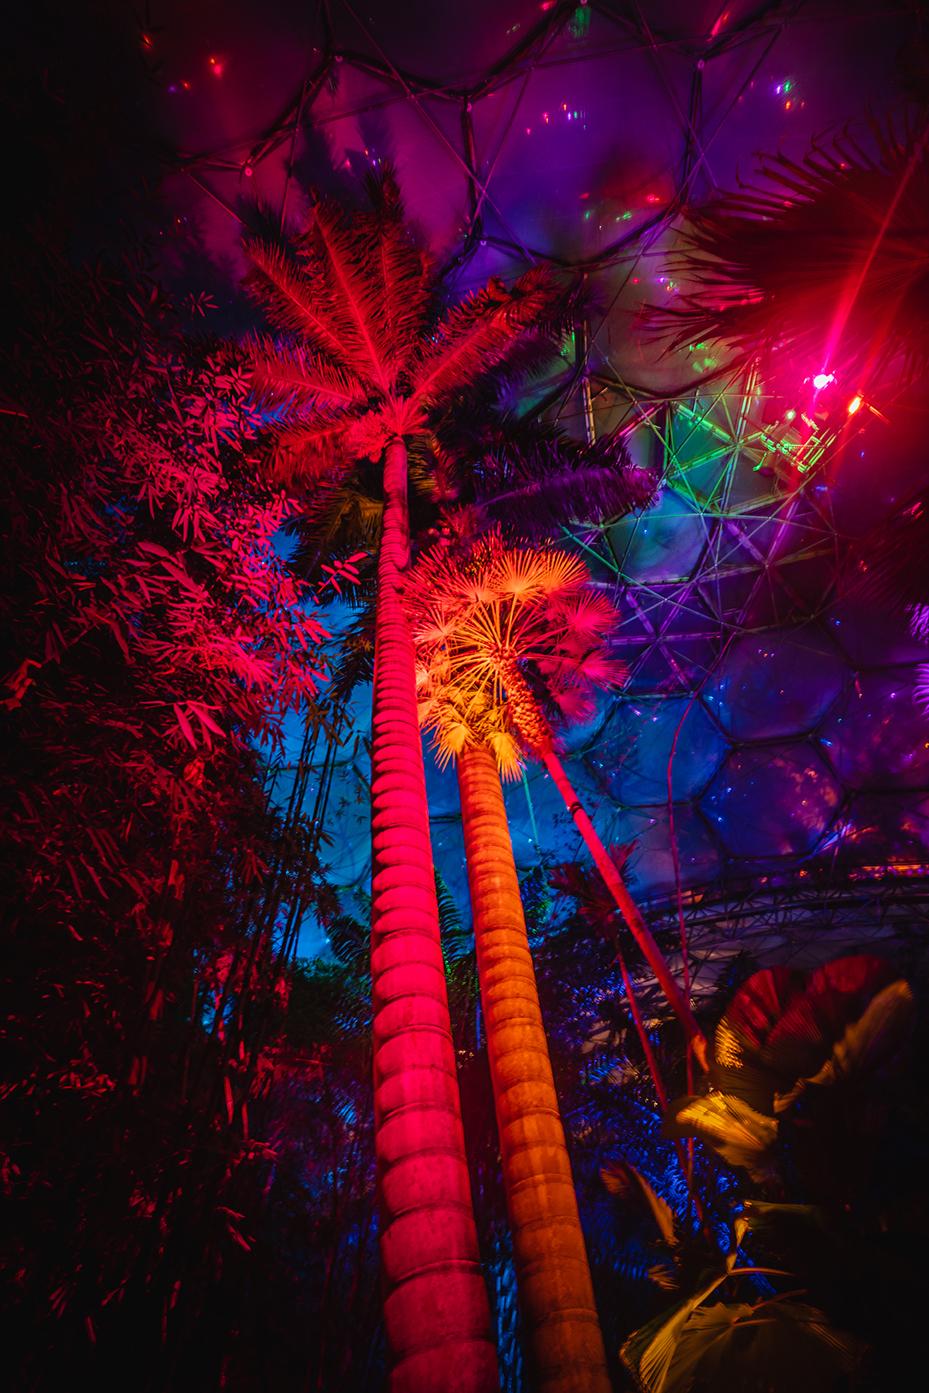 LEDJ Light up Eden for Christmas